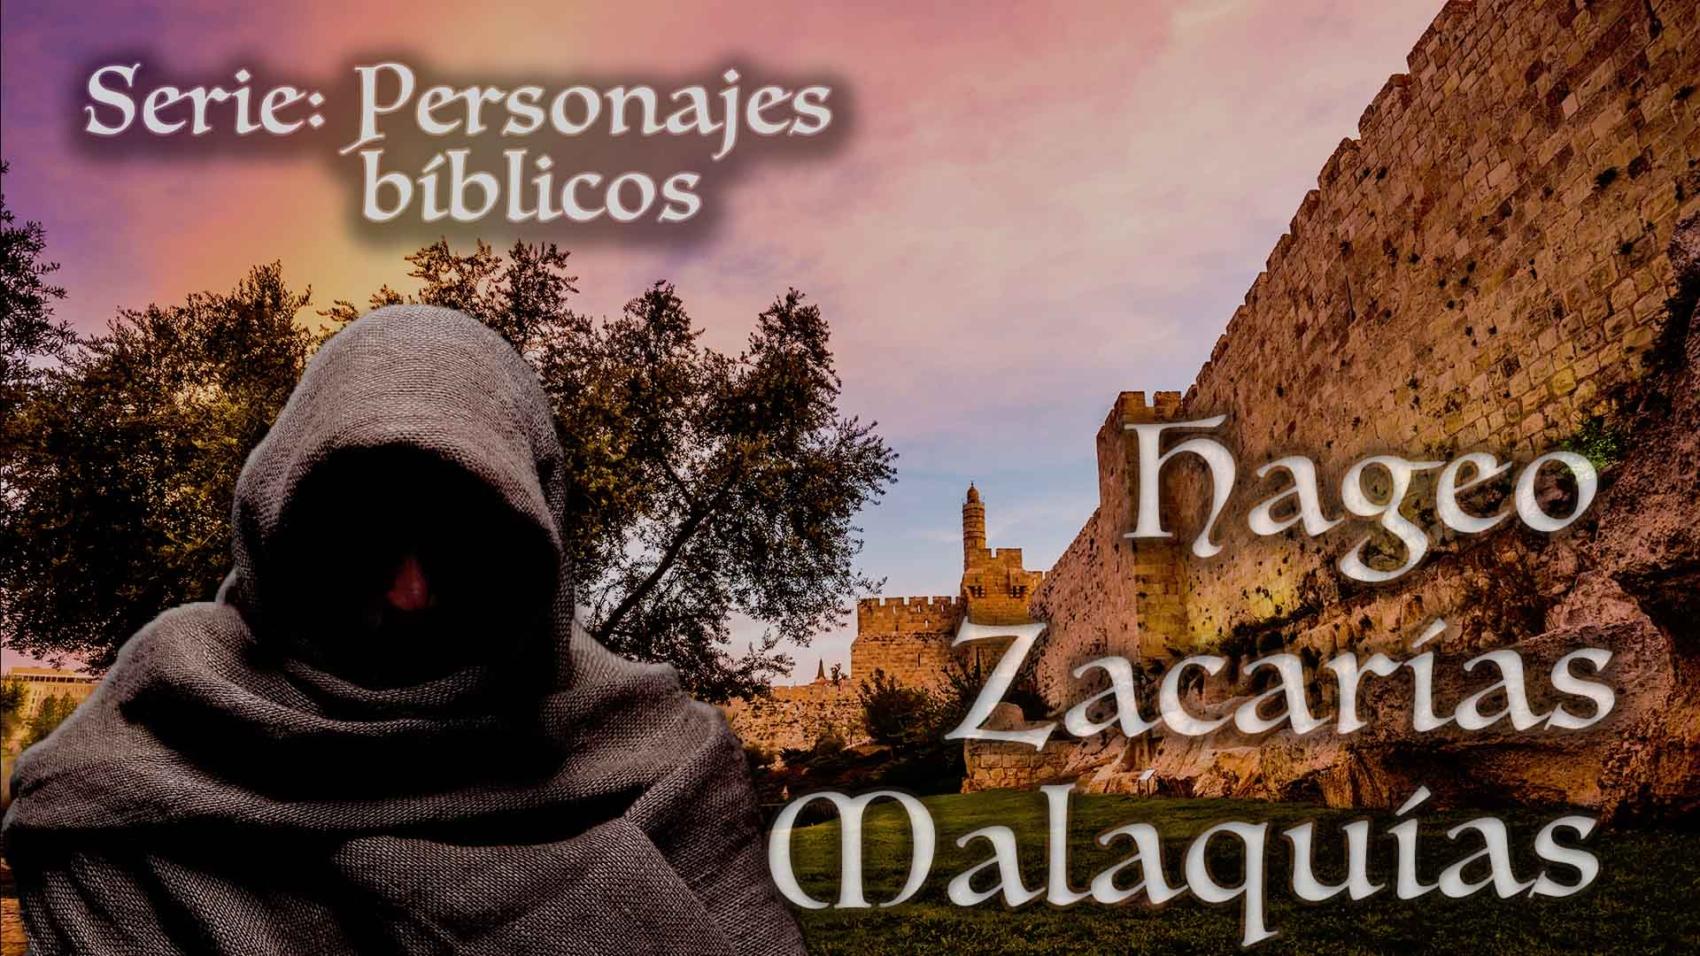 CP_70- Hageo - Zacarias - Malaquias - 2000x1080